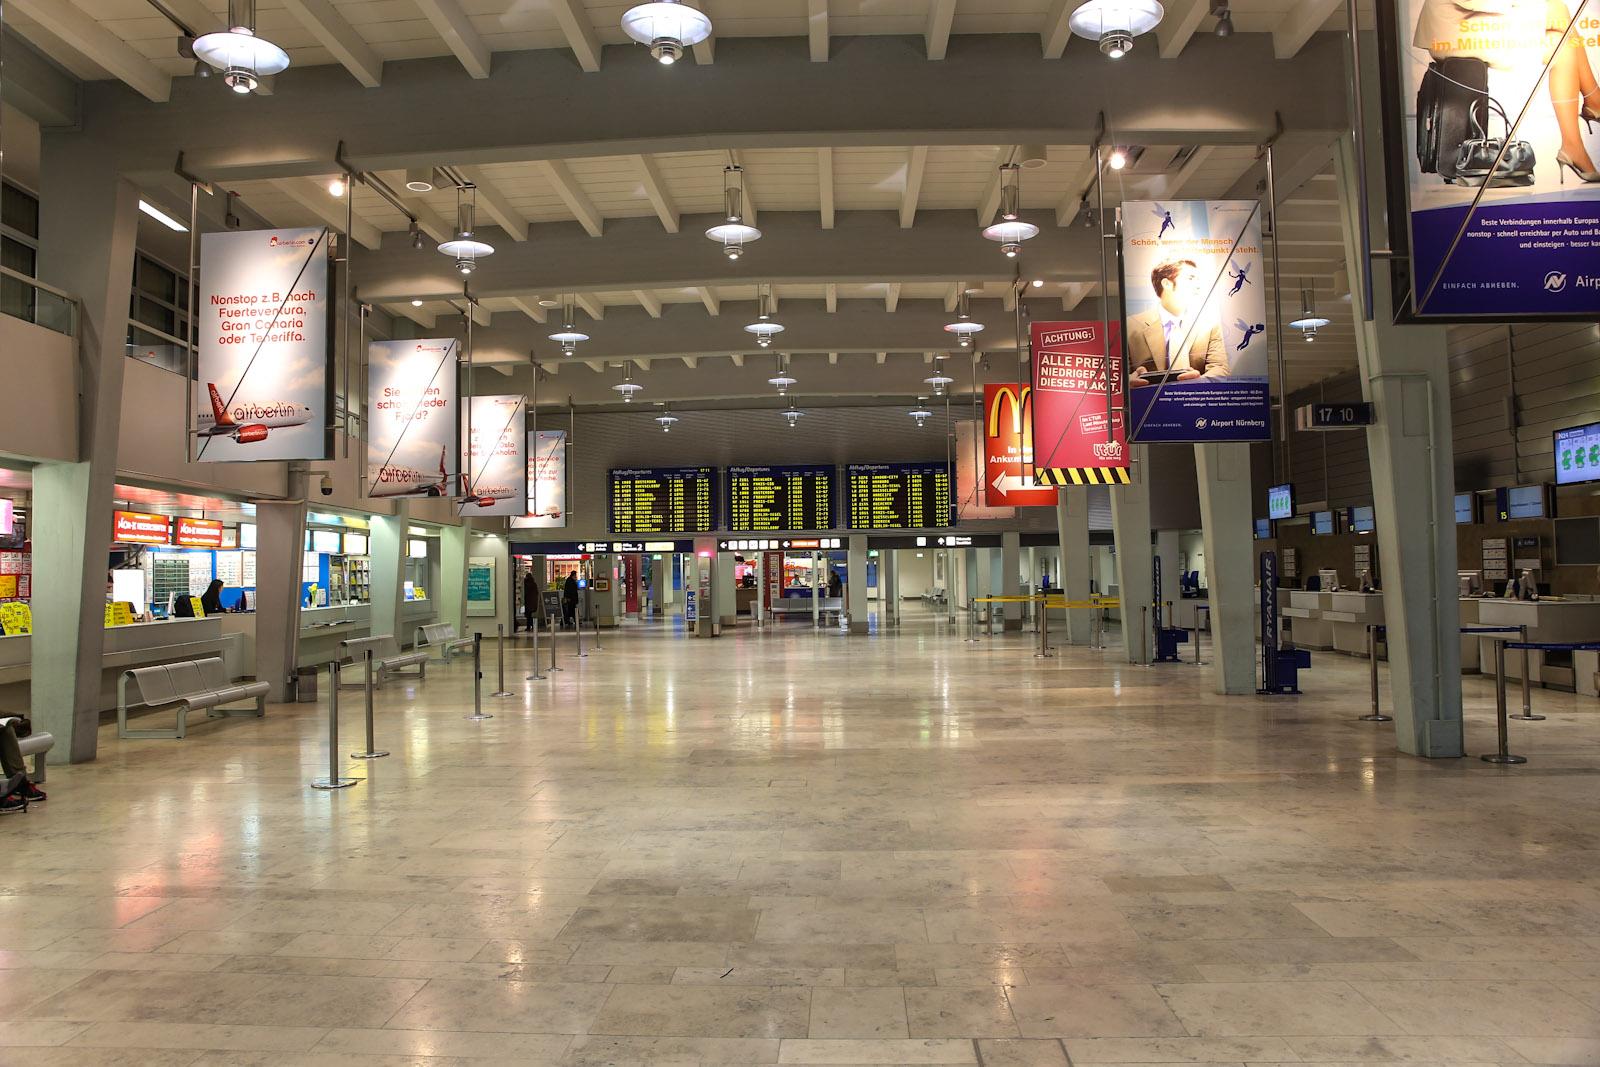 Стойки регистрации Ryanair и офисы турфирм в аэропорту Нюрнберг